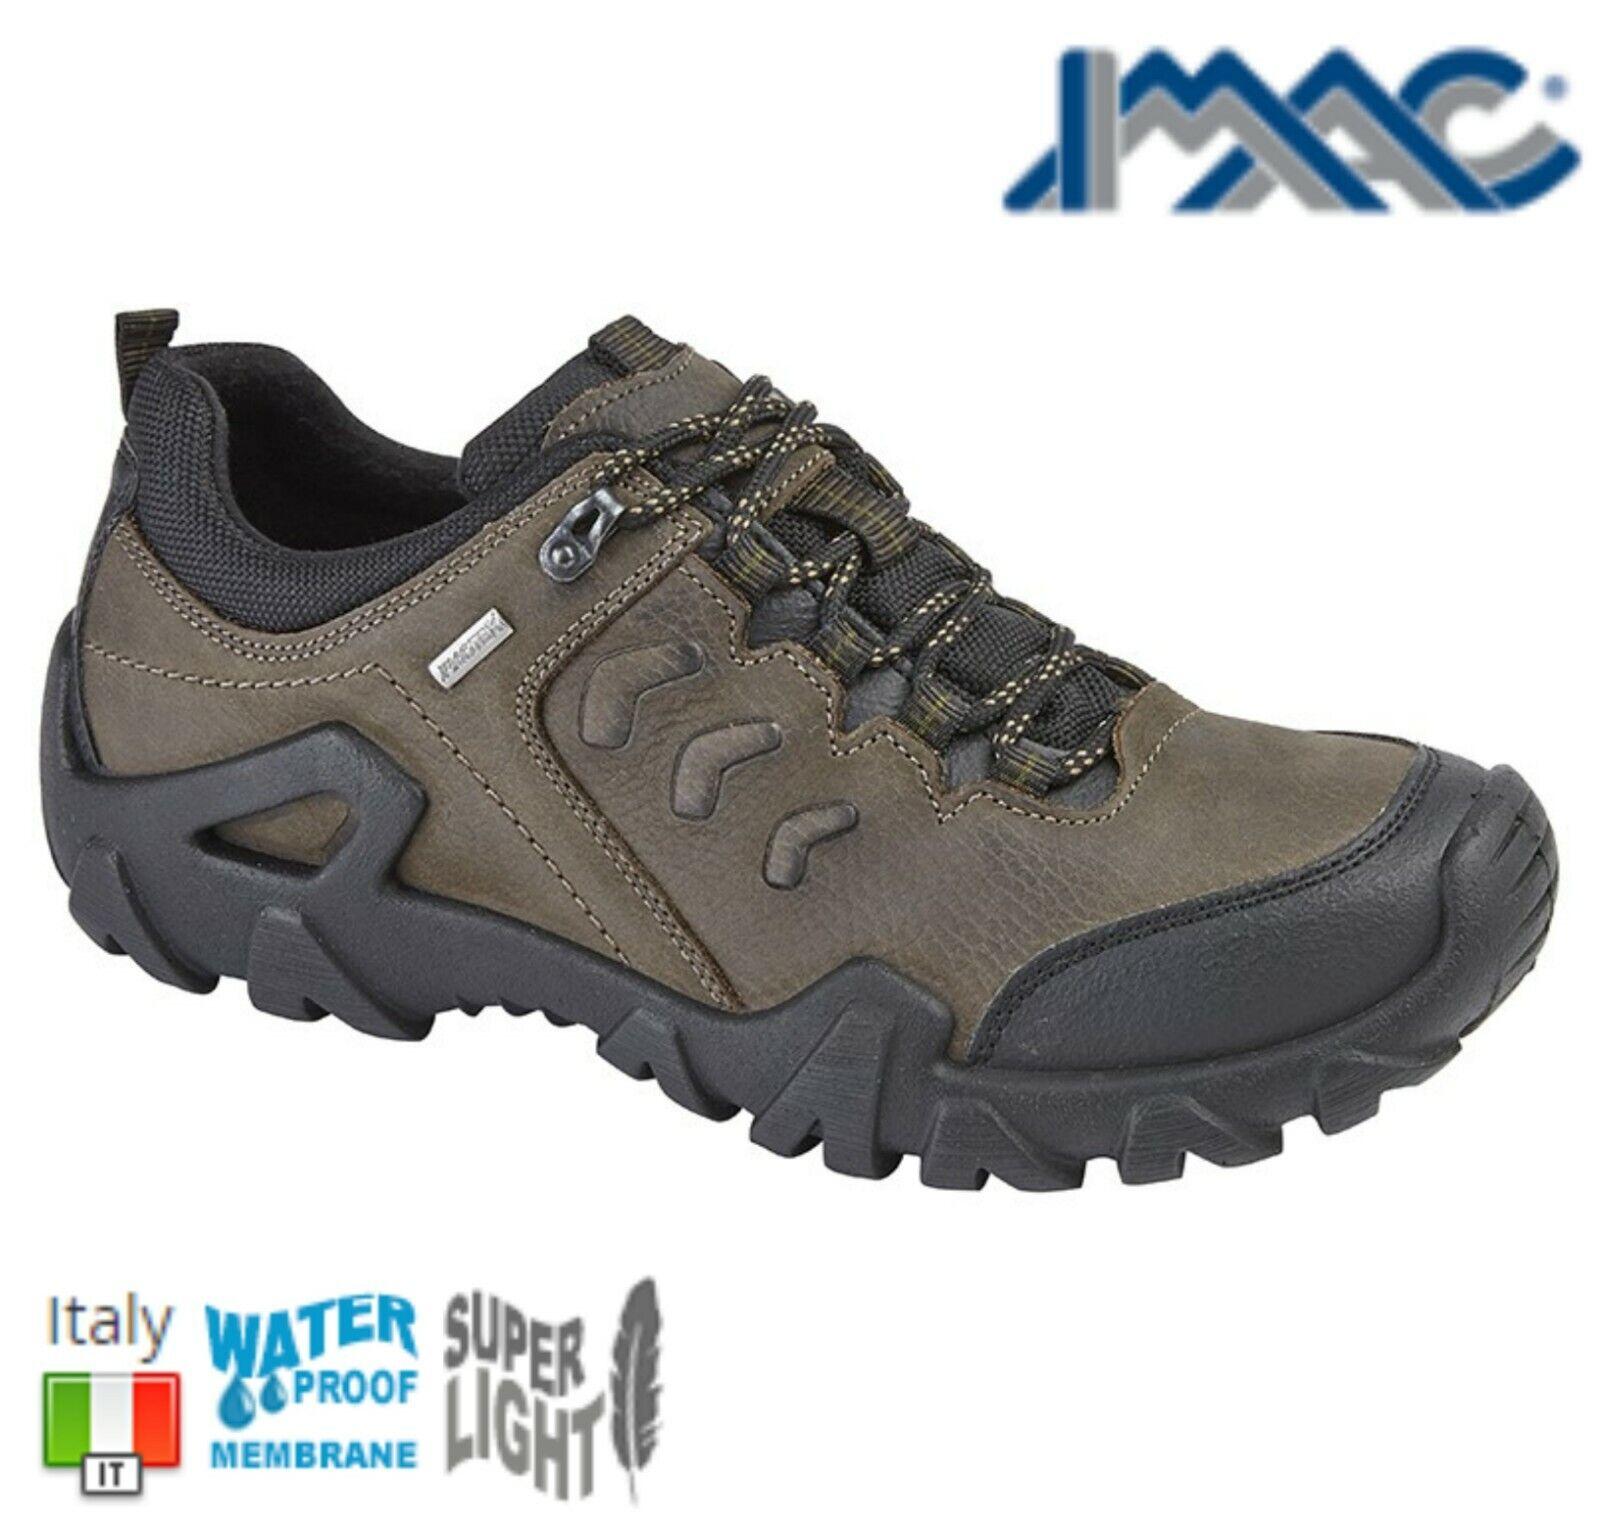 Imac Para Hombre De Cuero Marrón  Impermeable Caminar Trail Zapatos-Tallas 6 7 8 9 10 11 12  grandes ofertas